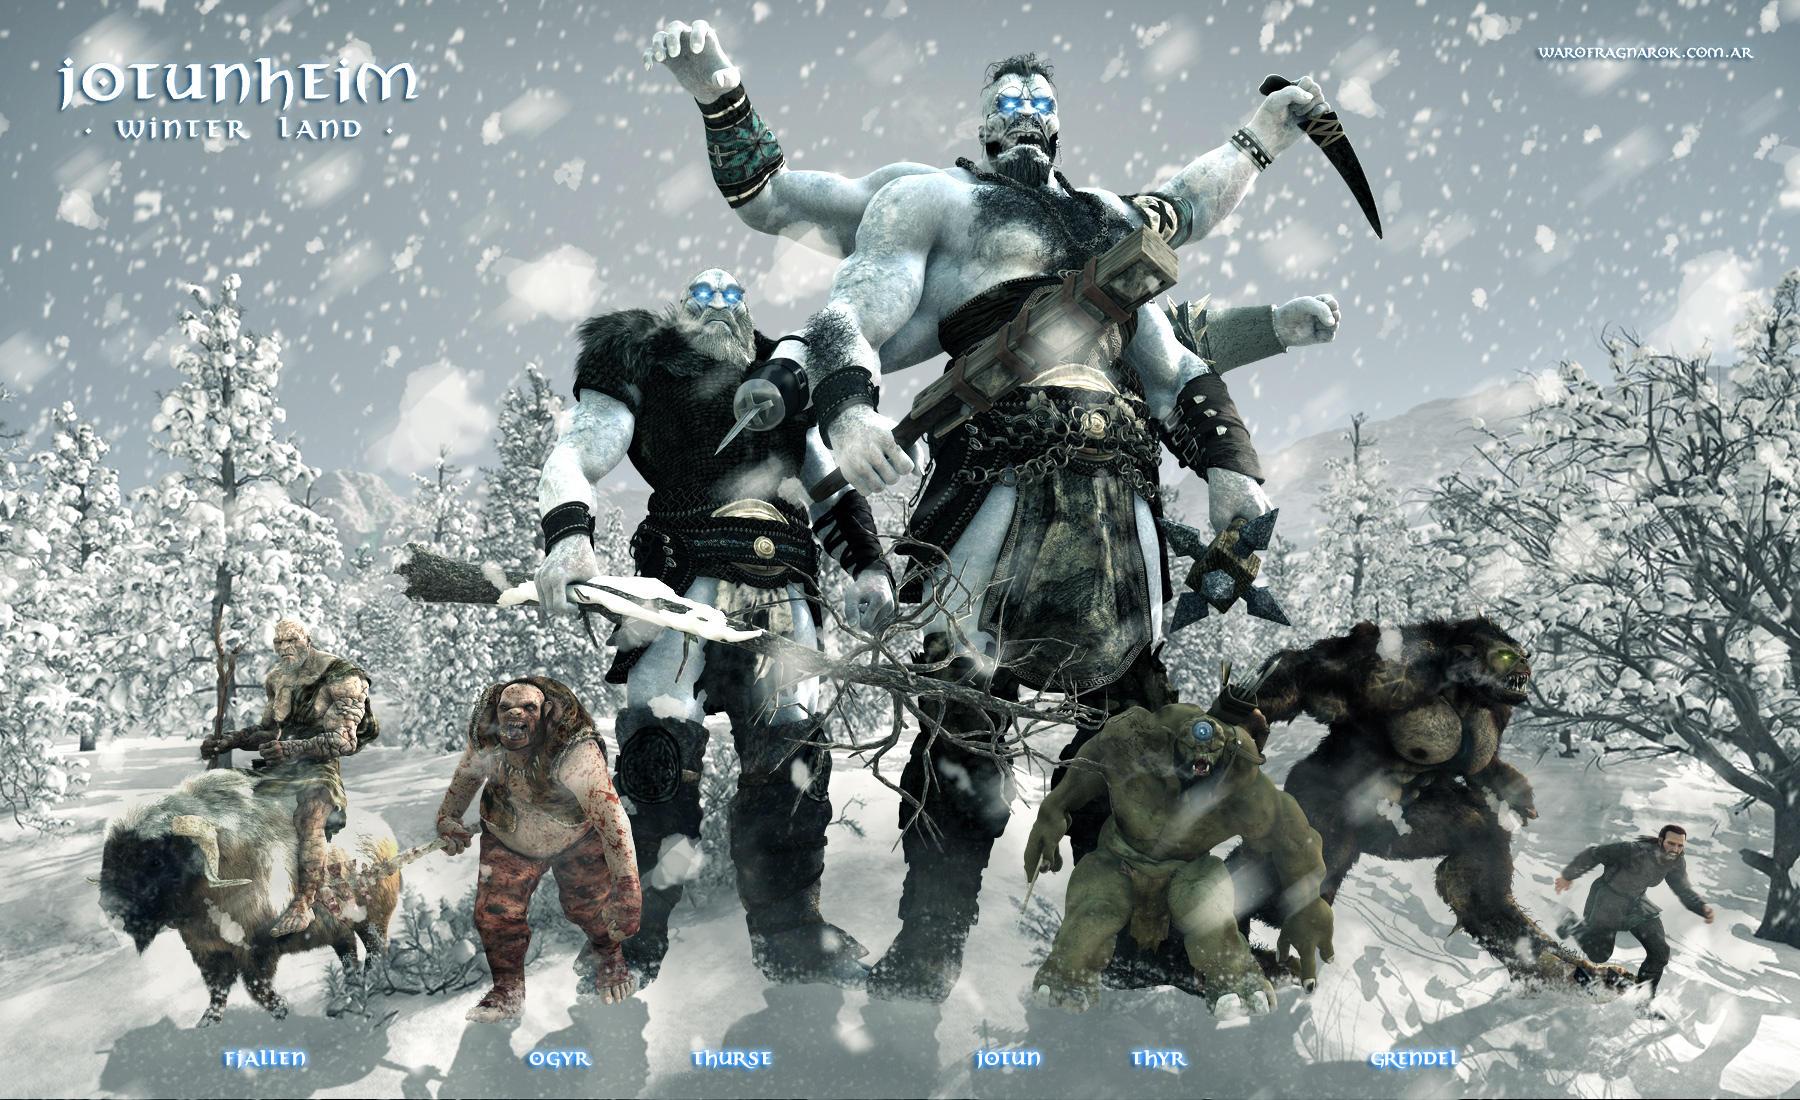 Jotunheim - Winter Land by warofragnarok